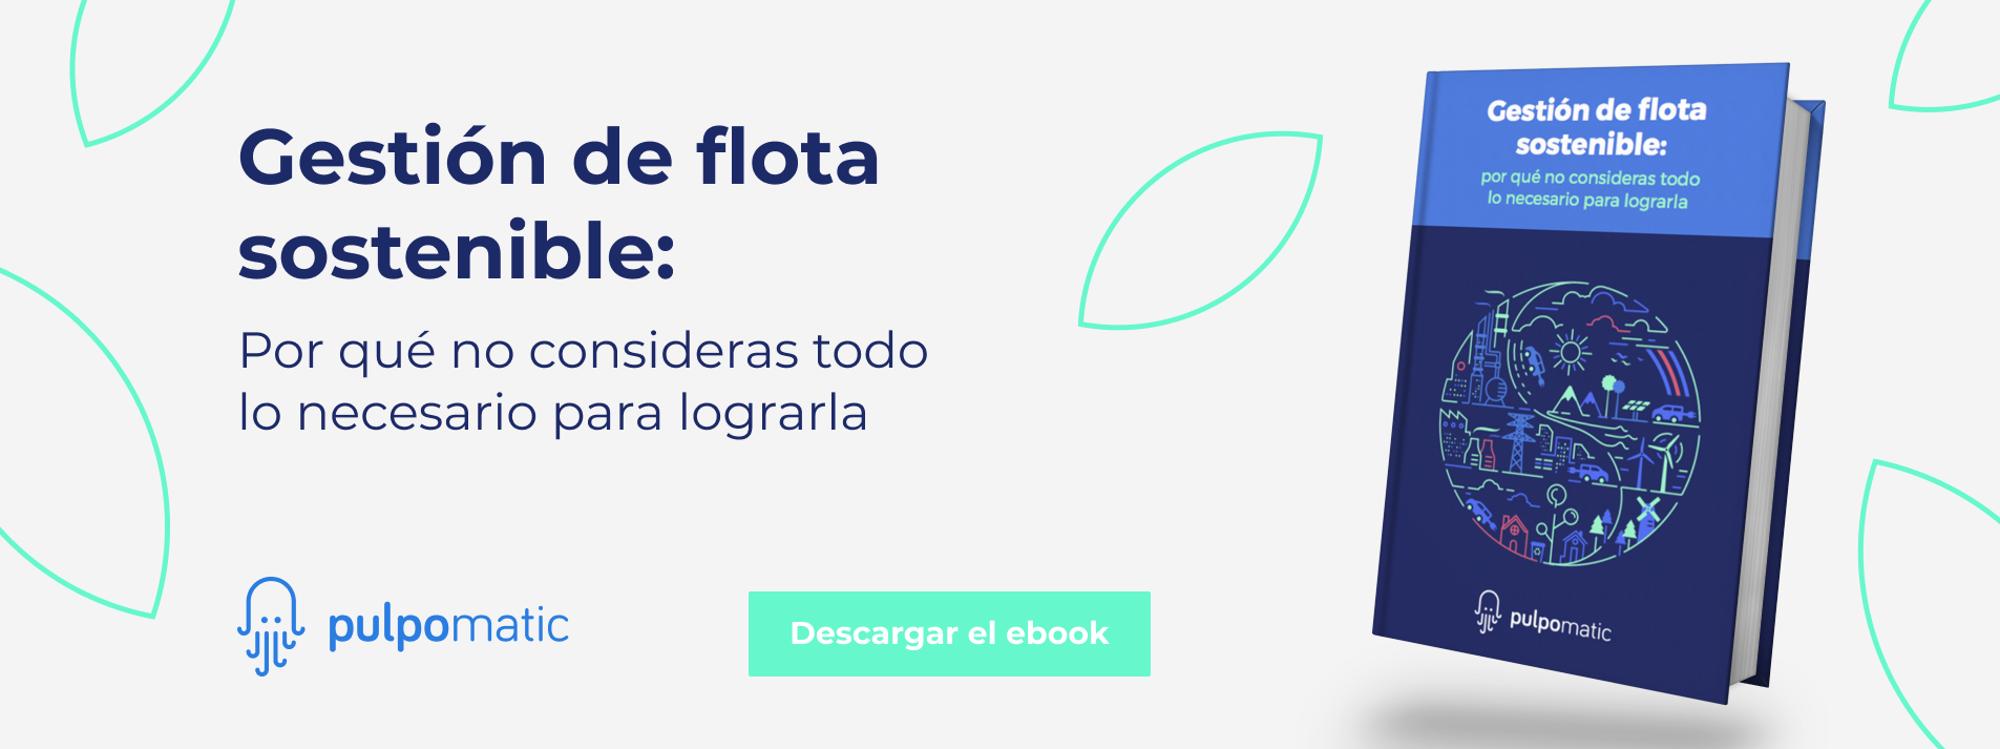 Ebook gestión de flotas sostenible